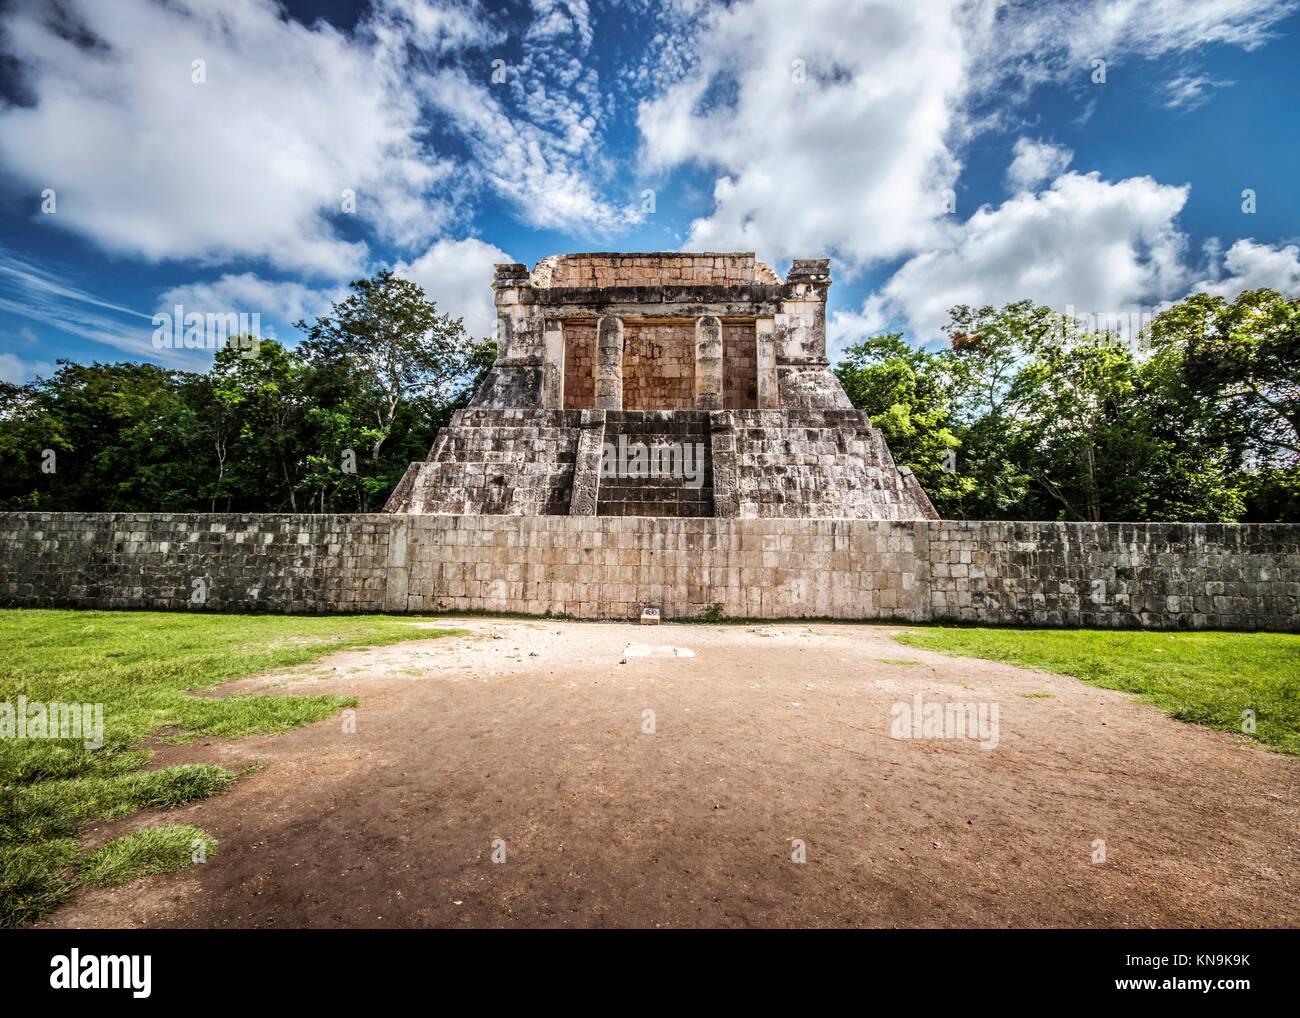 Tribune del juego de pelota en Chichén Itzá (México). Imagen De Stock